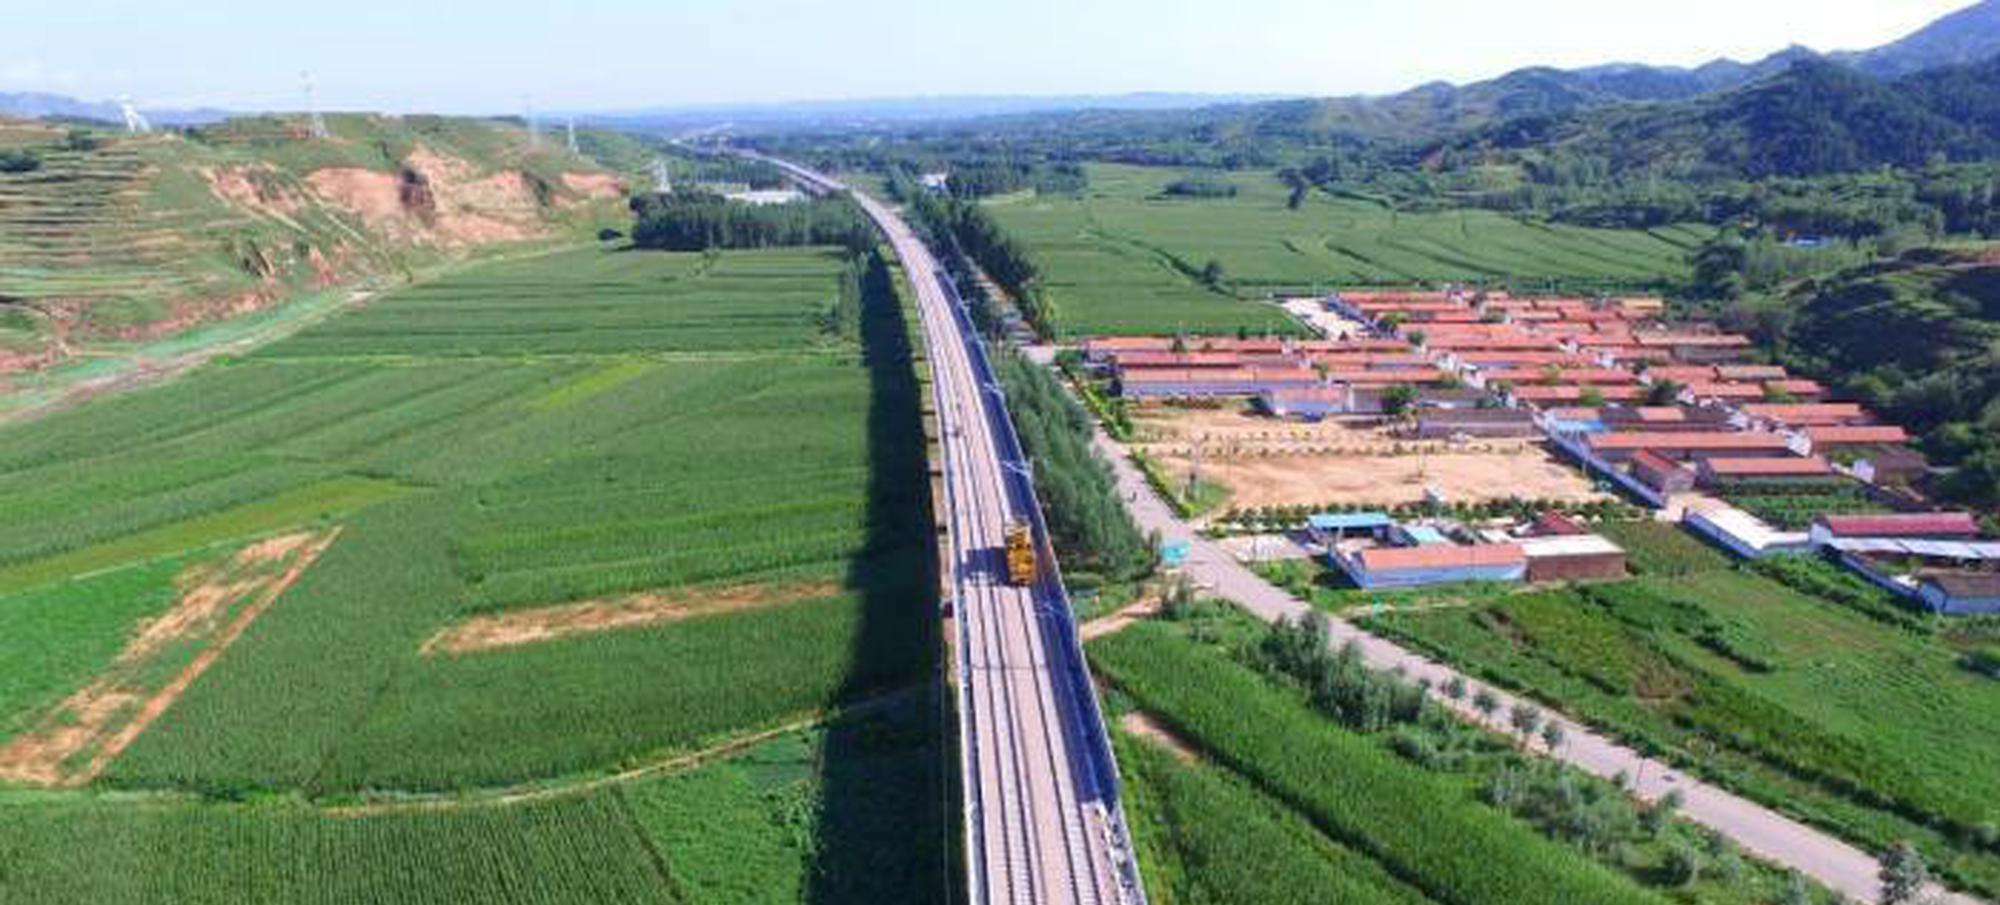 太焦高铁全线进入静态验收阶段 年底可望通车